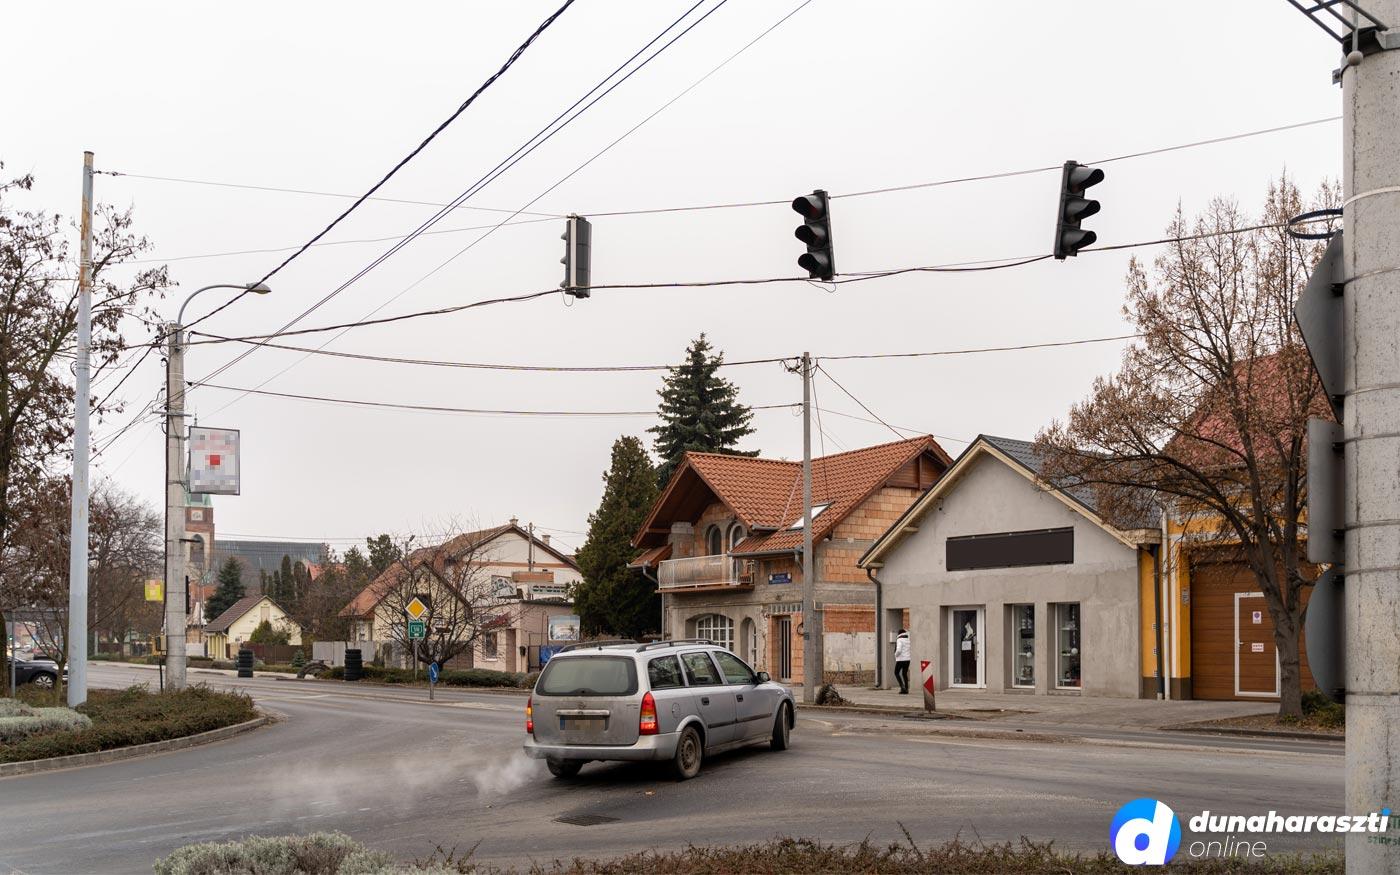 Még két hónapon át nem működnek a jelzőlámpák Dunaharaszti forgalmas kereszteződésében